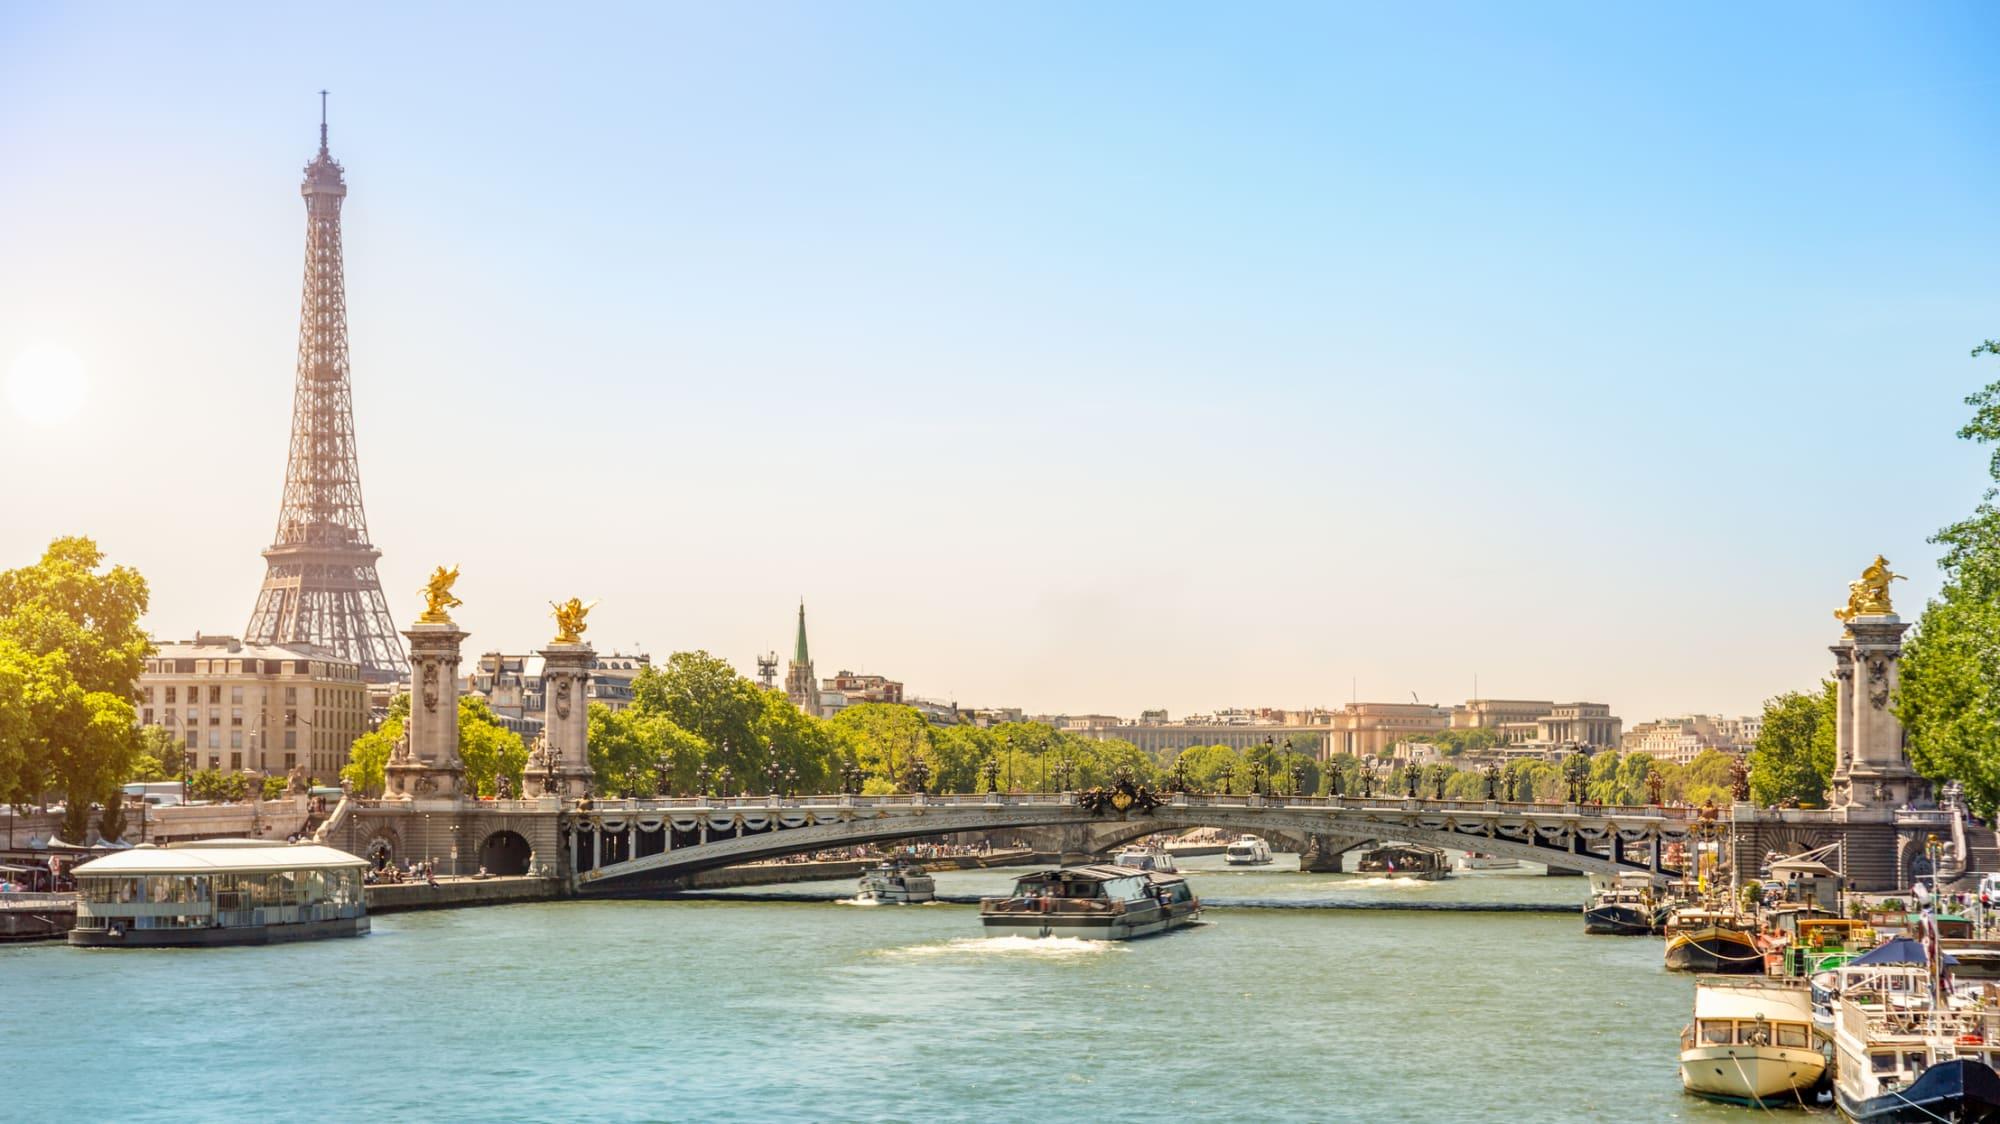 Blick auf den Eiffelturm die Seine in Paris